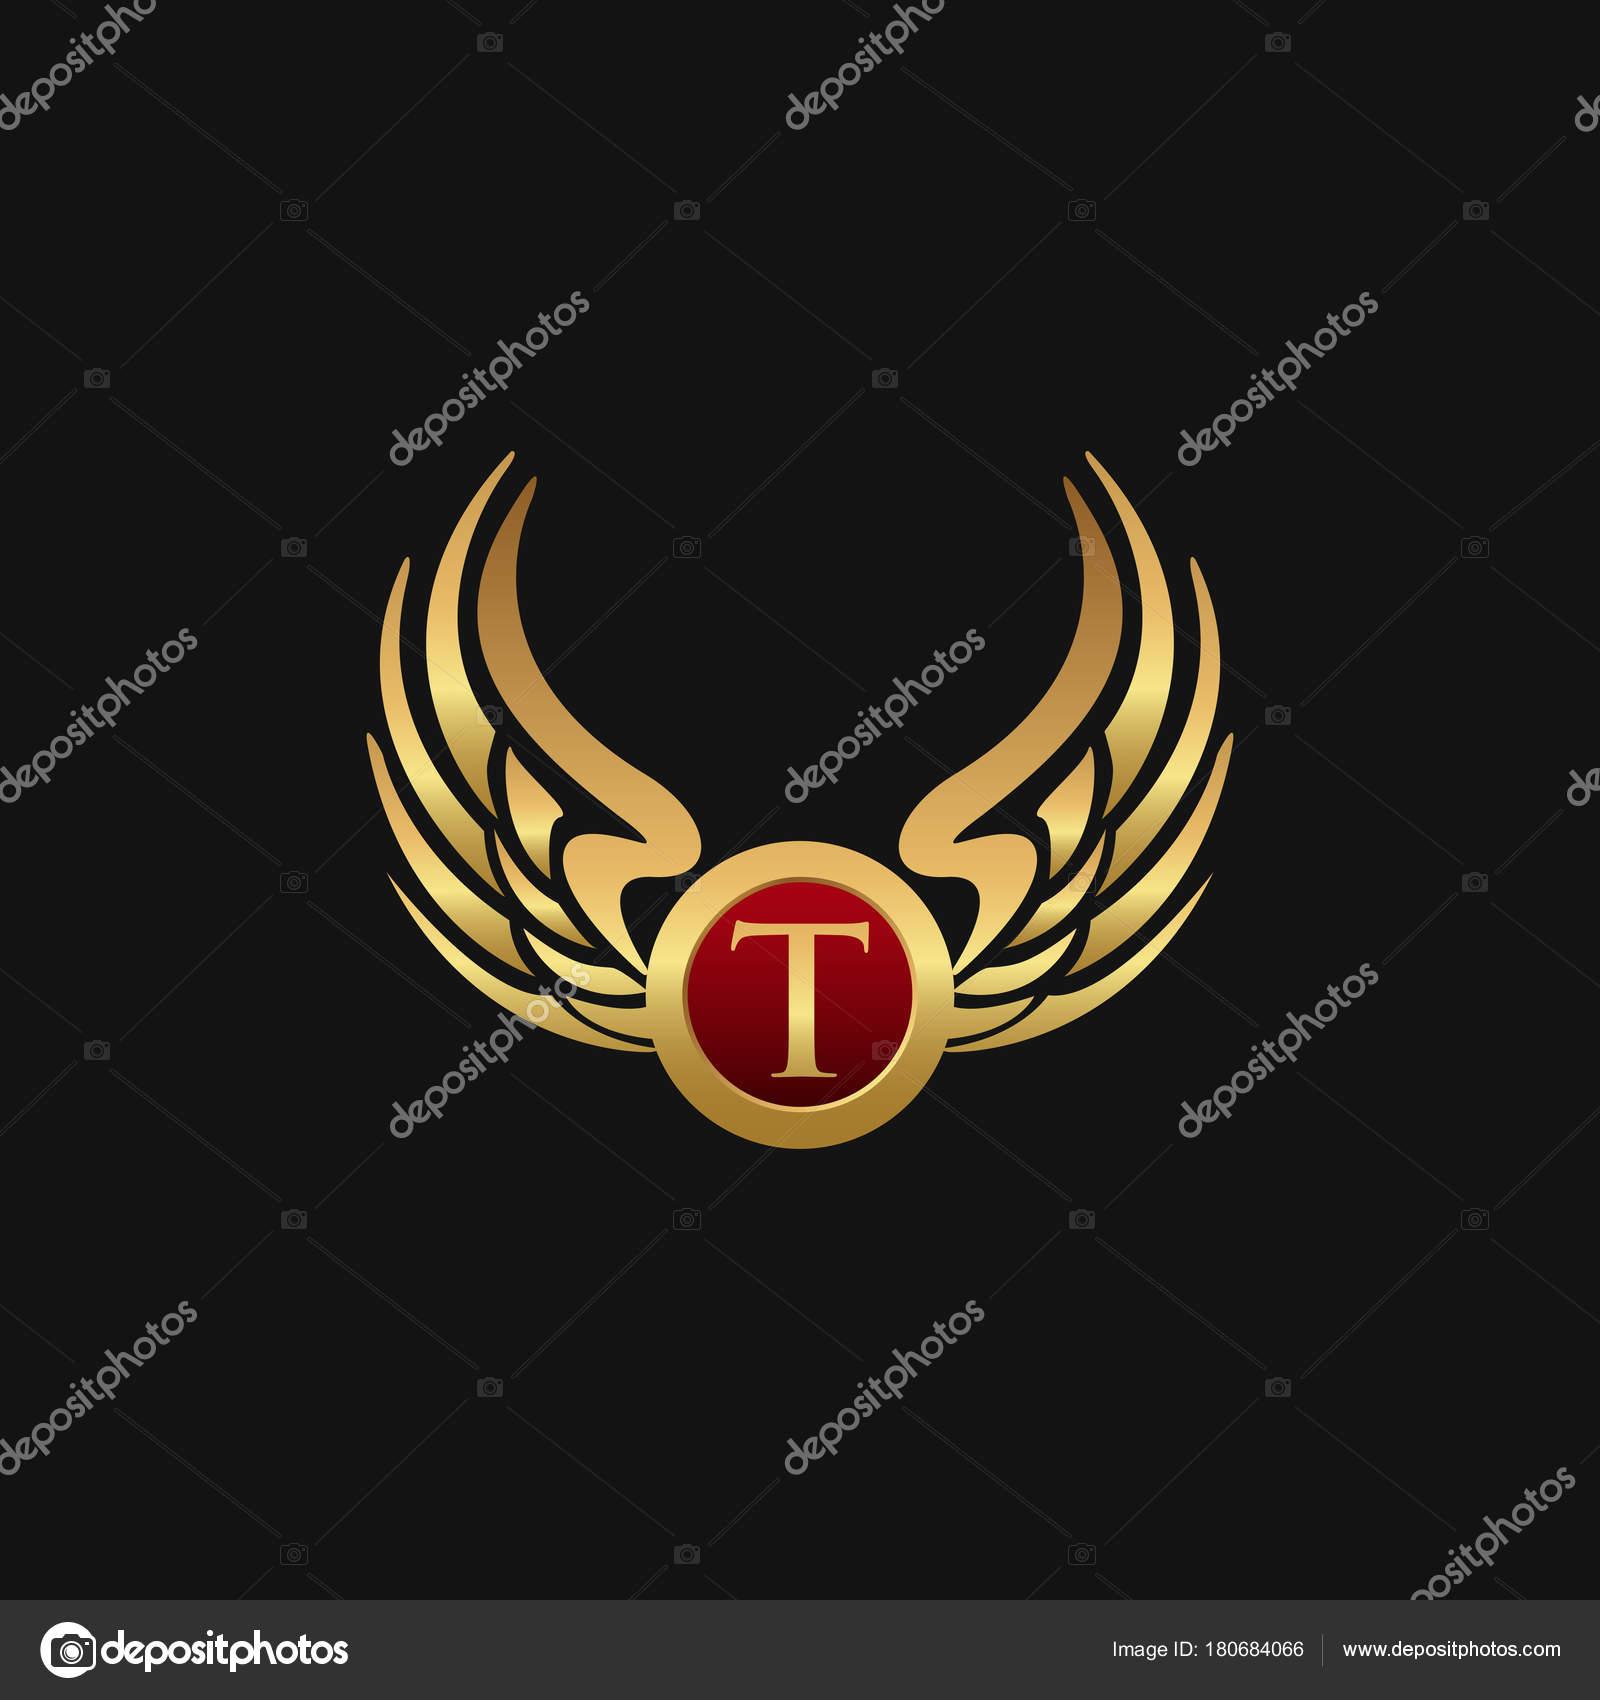 mod le de luxe lettre t embl me wings logo conception concept image vectorielle oriu007. Black Bedroom Furniture Sets. Home Design Ideas